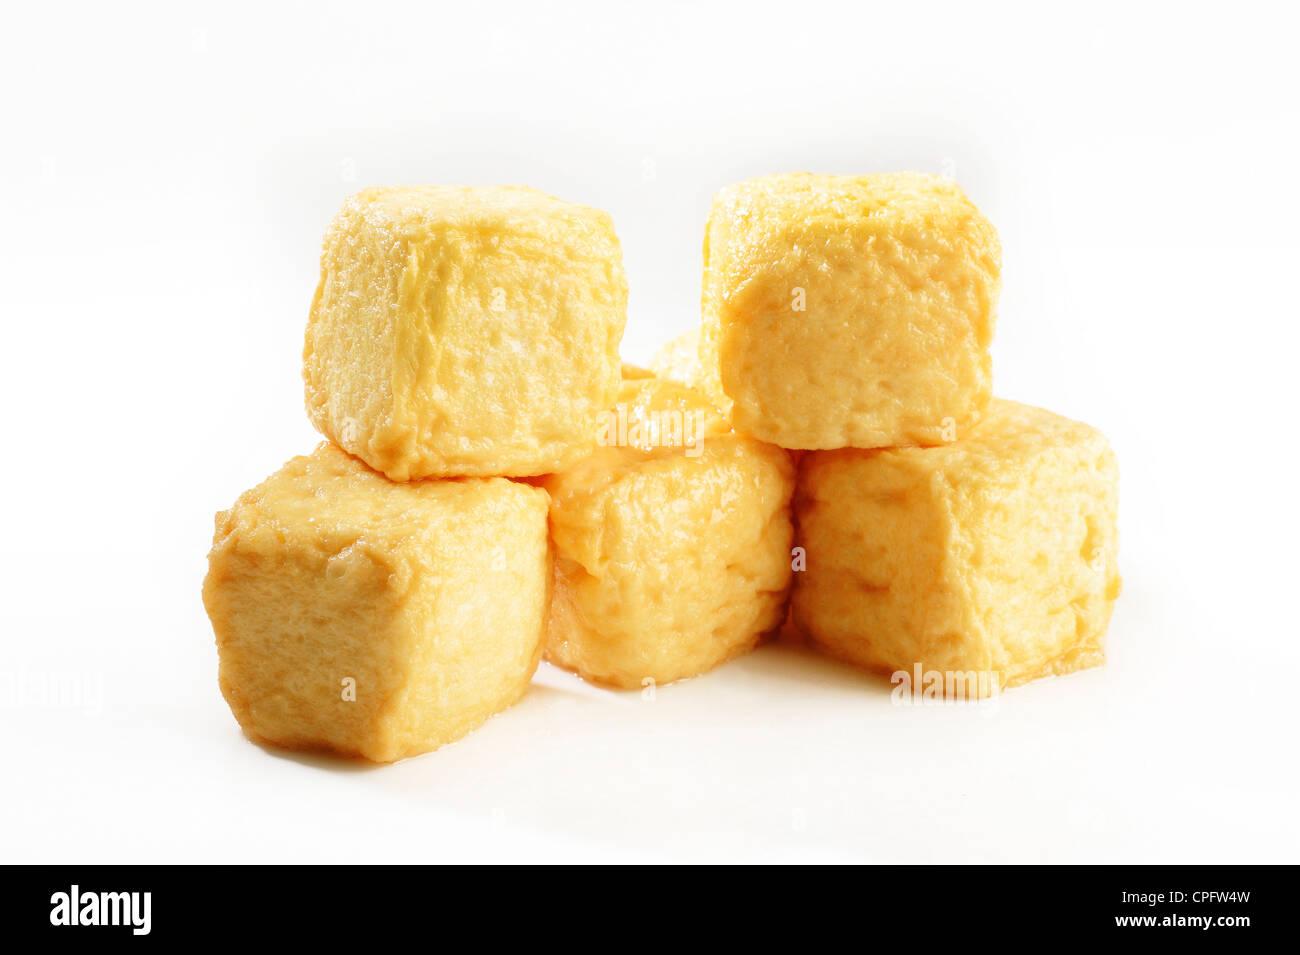 fish tofu on white background - Stock Image